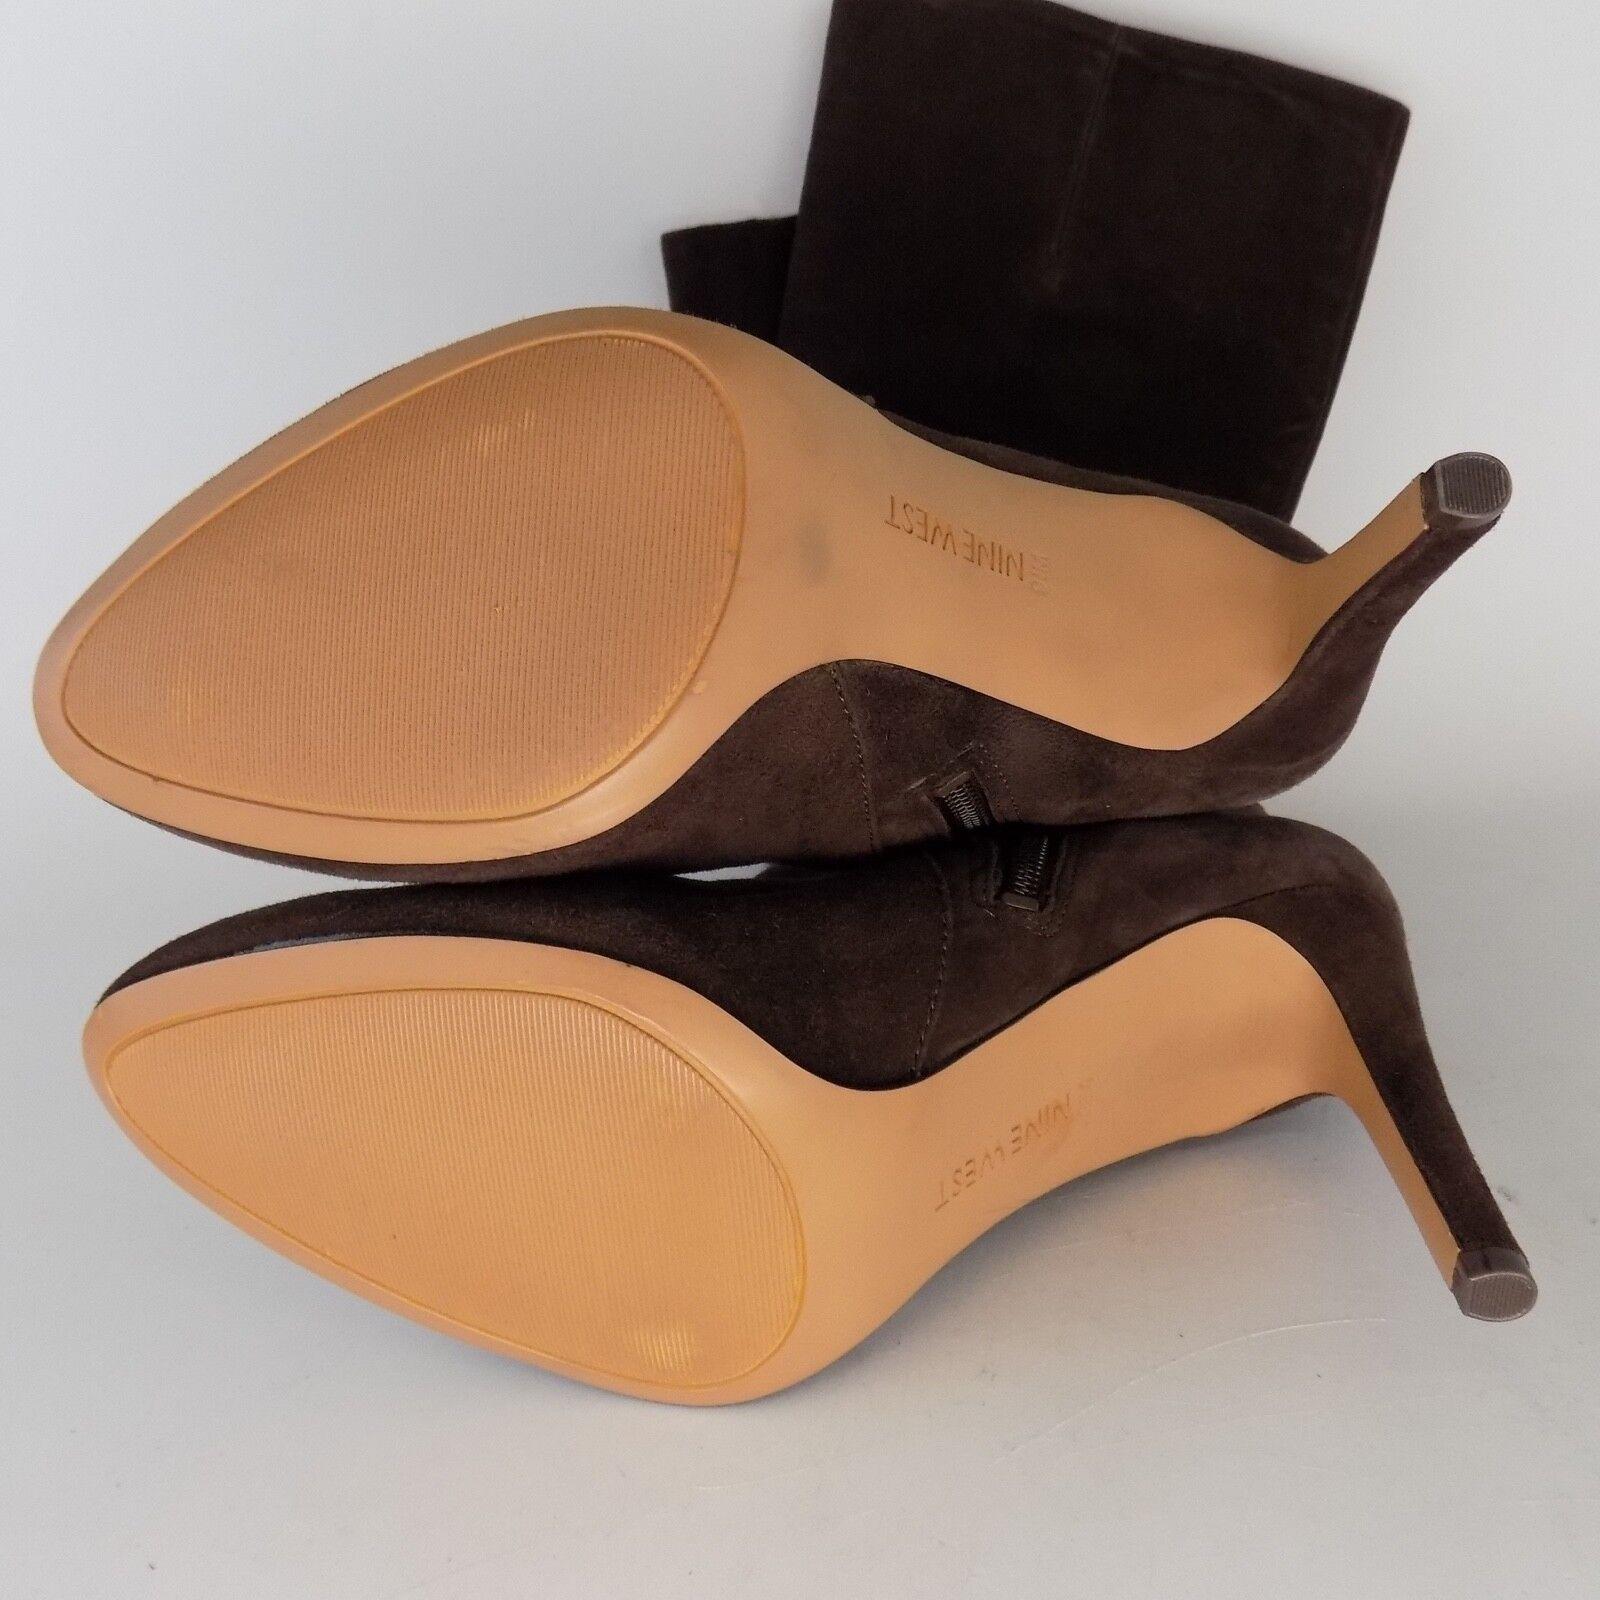 Nine West Passtime Brown High Women Boots Size 9.5 9.5 9.5 M AL2784 c0506c